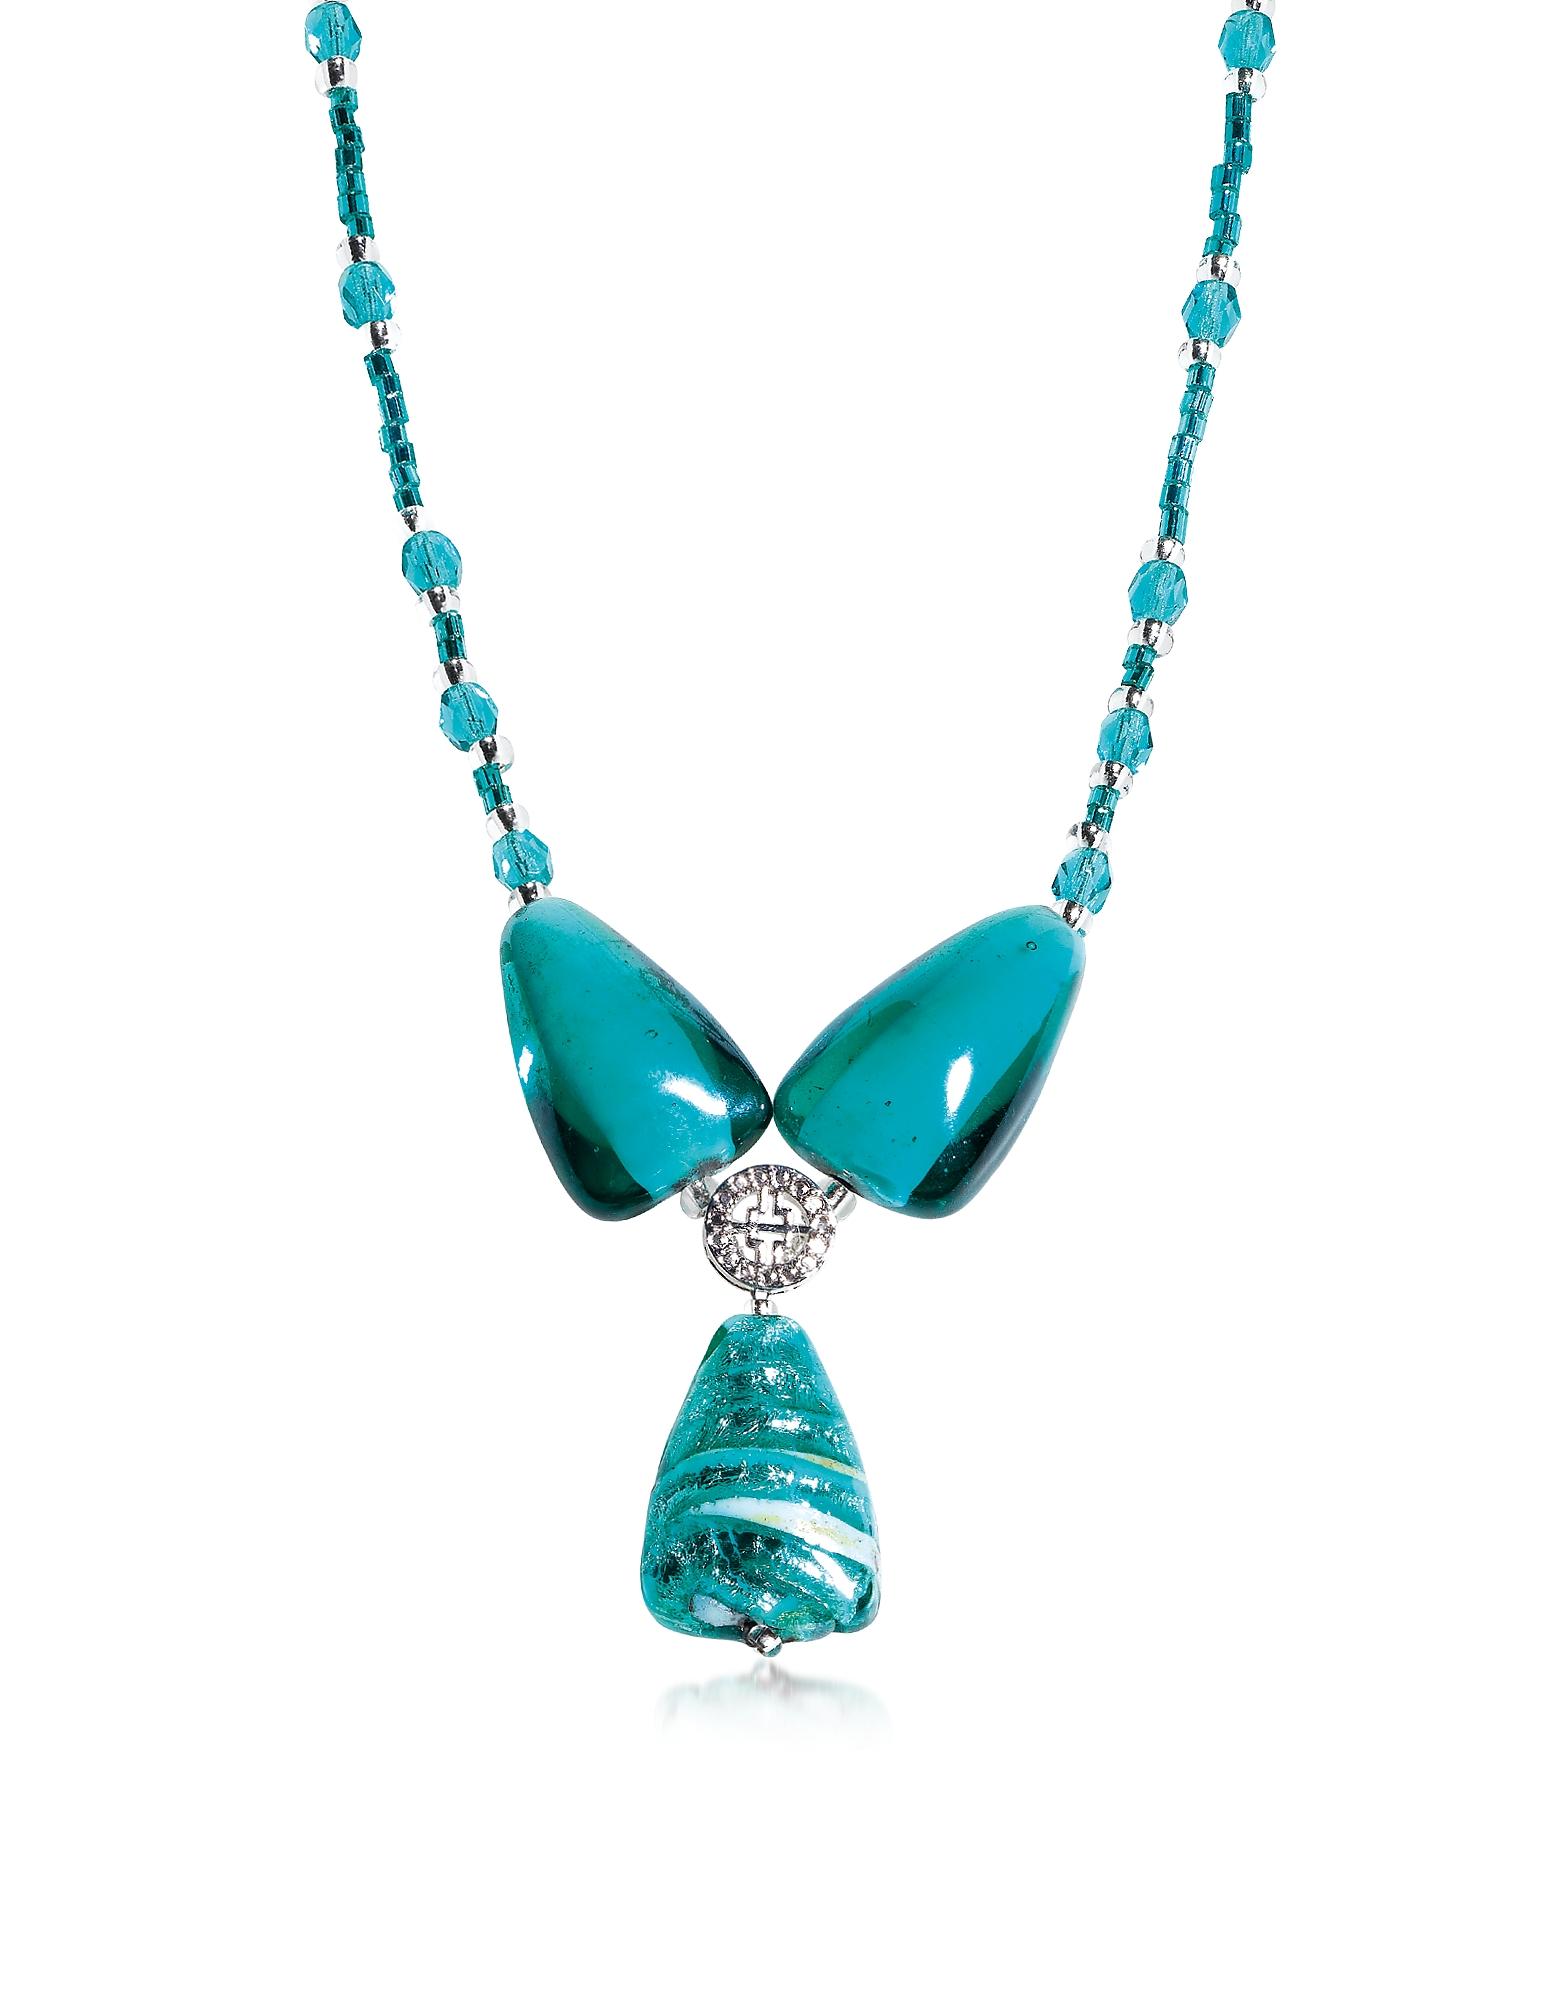 Marina 3 - Ожерелье с Подвеской из Бирюзово-Зеленых Бусинок Стекла Мурано и Листиком Серебра